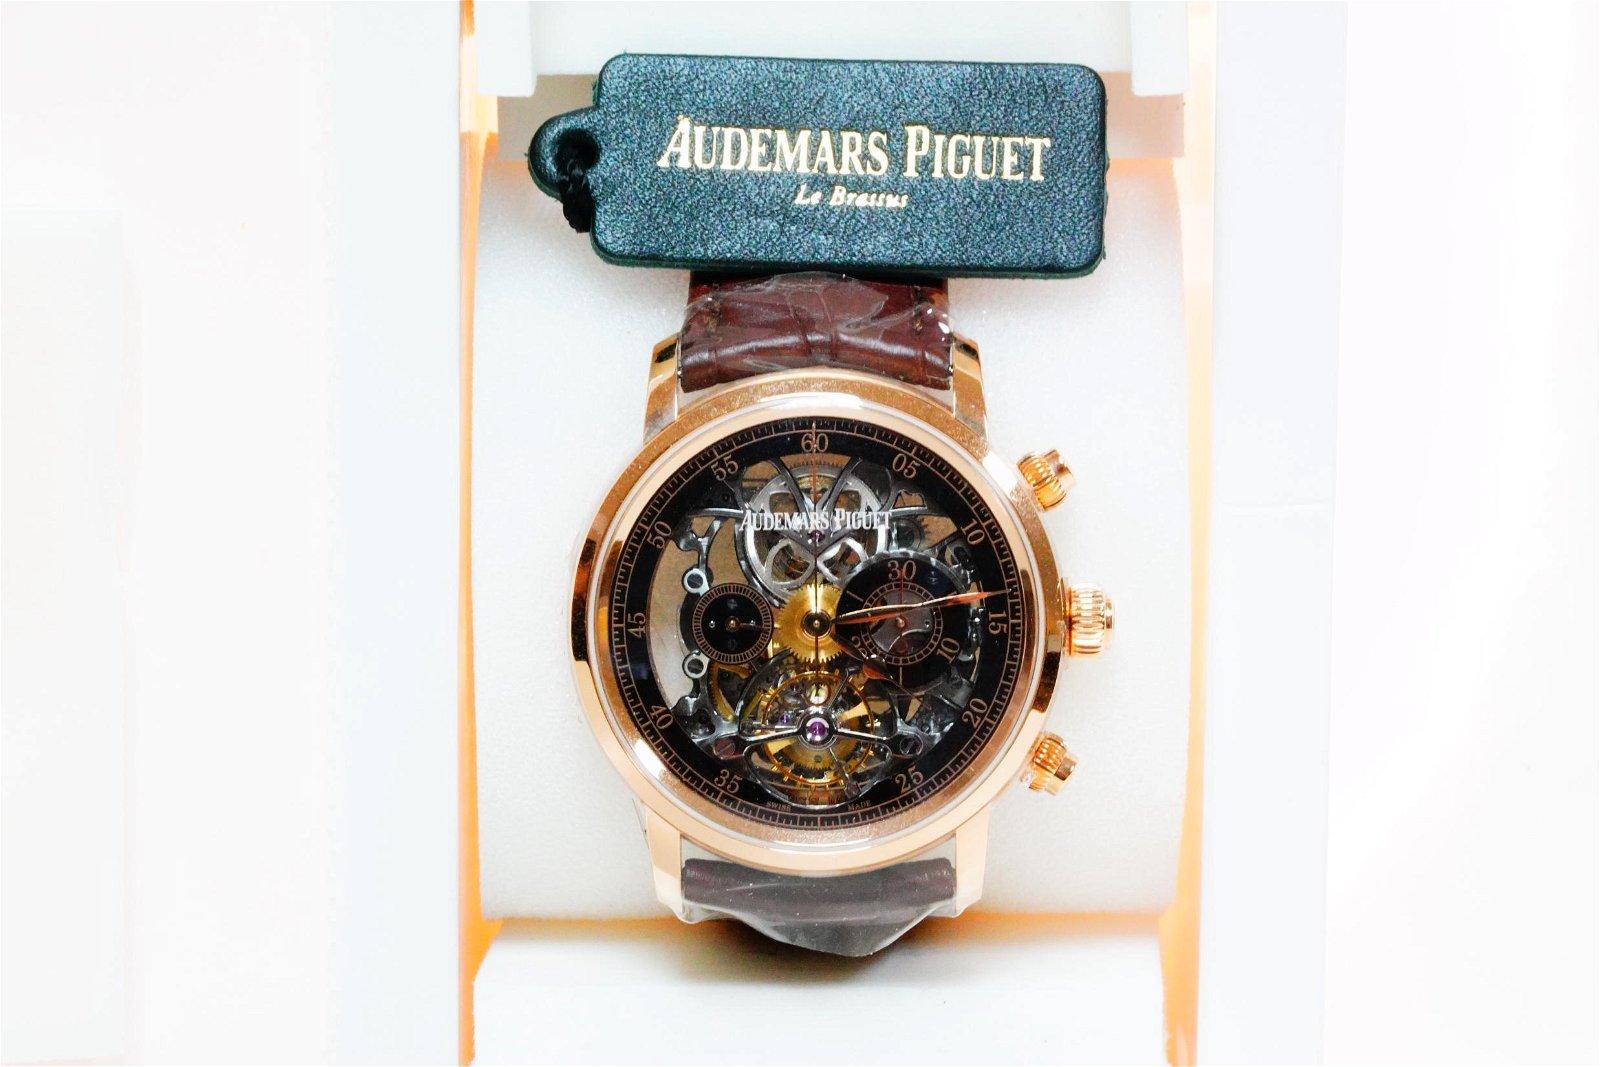 Audemars Piguet Jules Audemars Tourbillon Chronograph